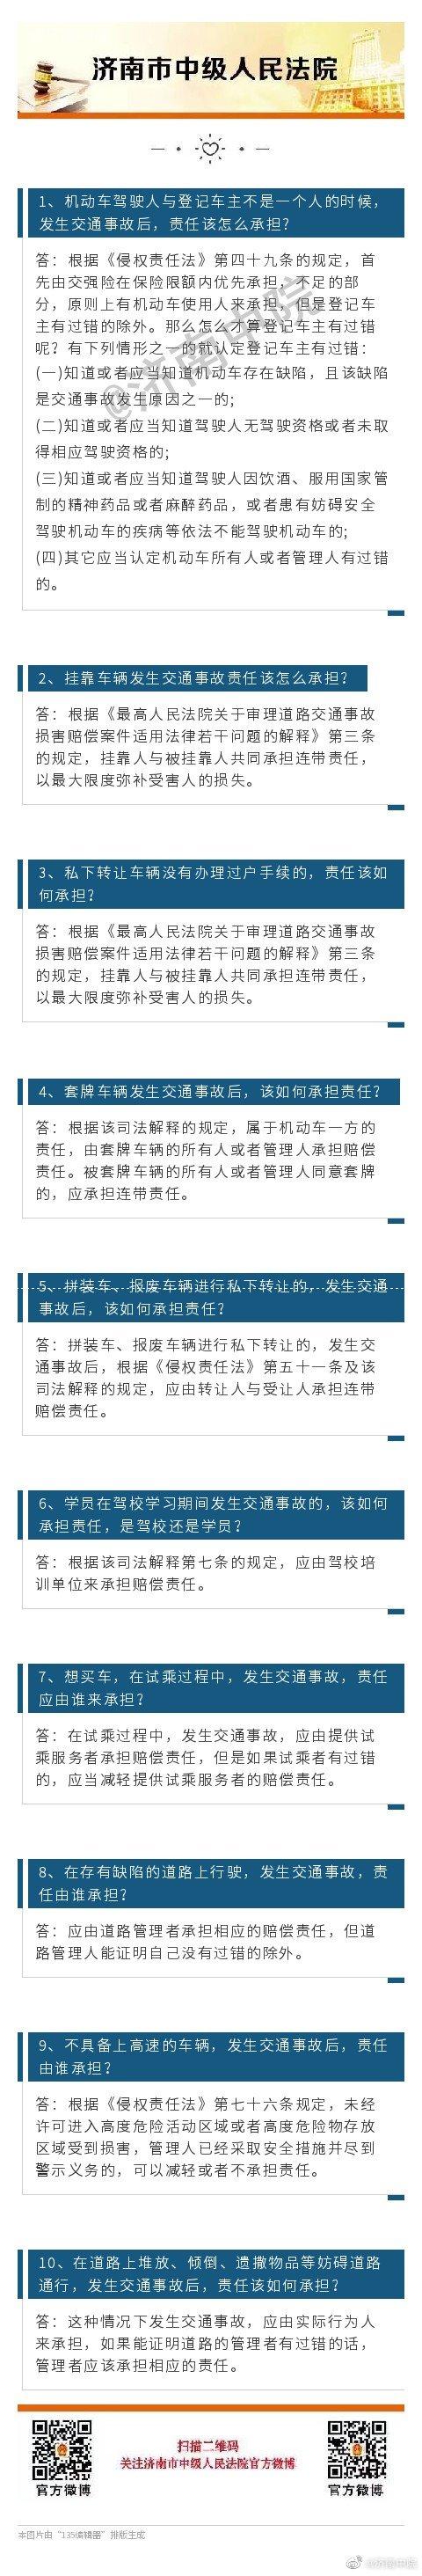 超详细!交通事故30个法律问题一览+司法解释